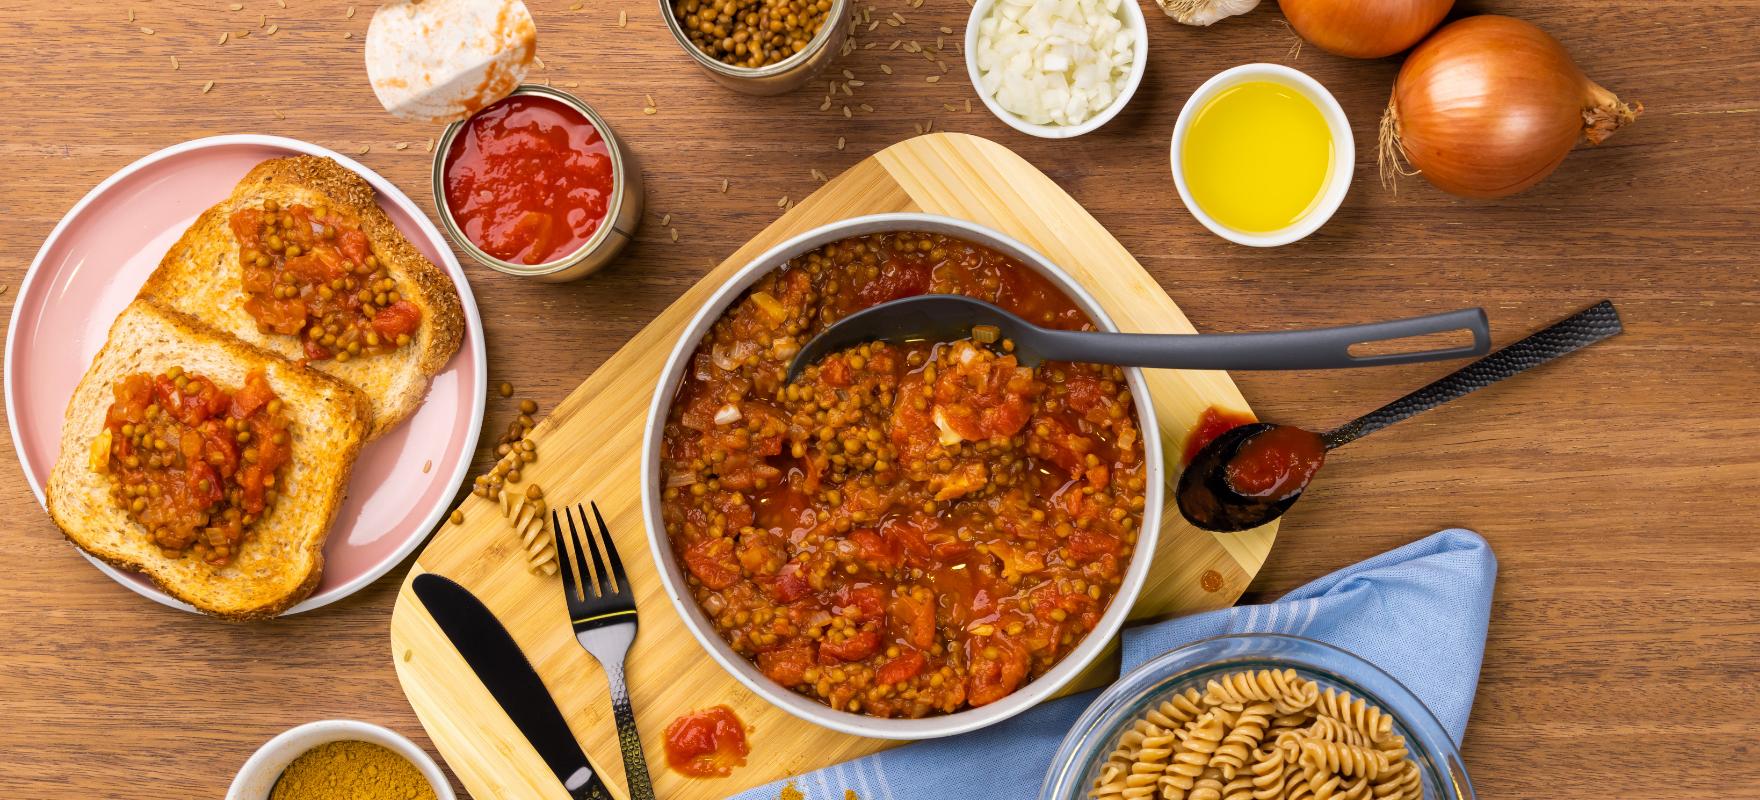 Bolognaise sauce image 3